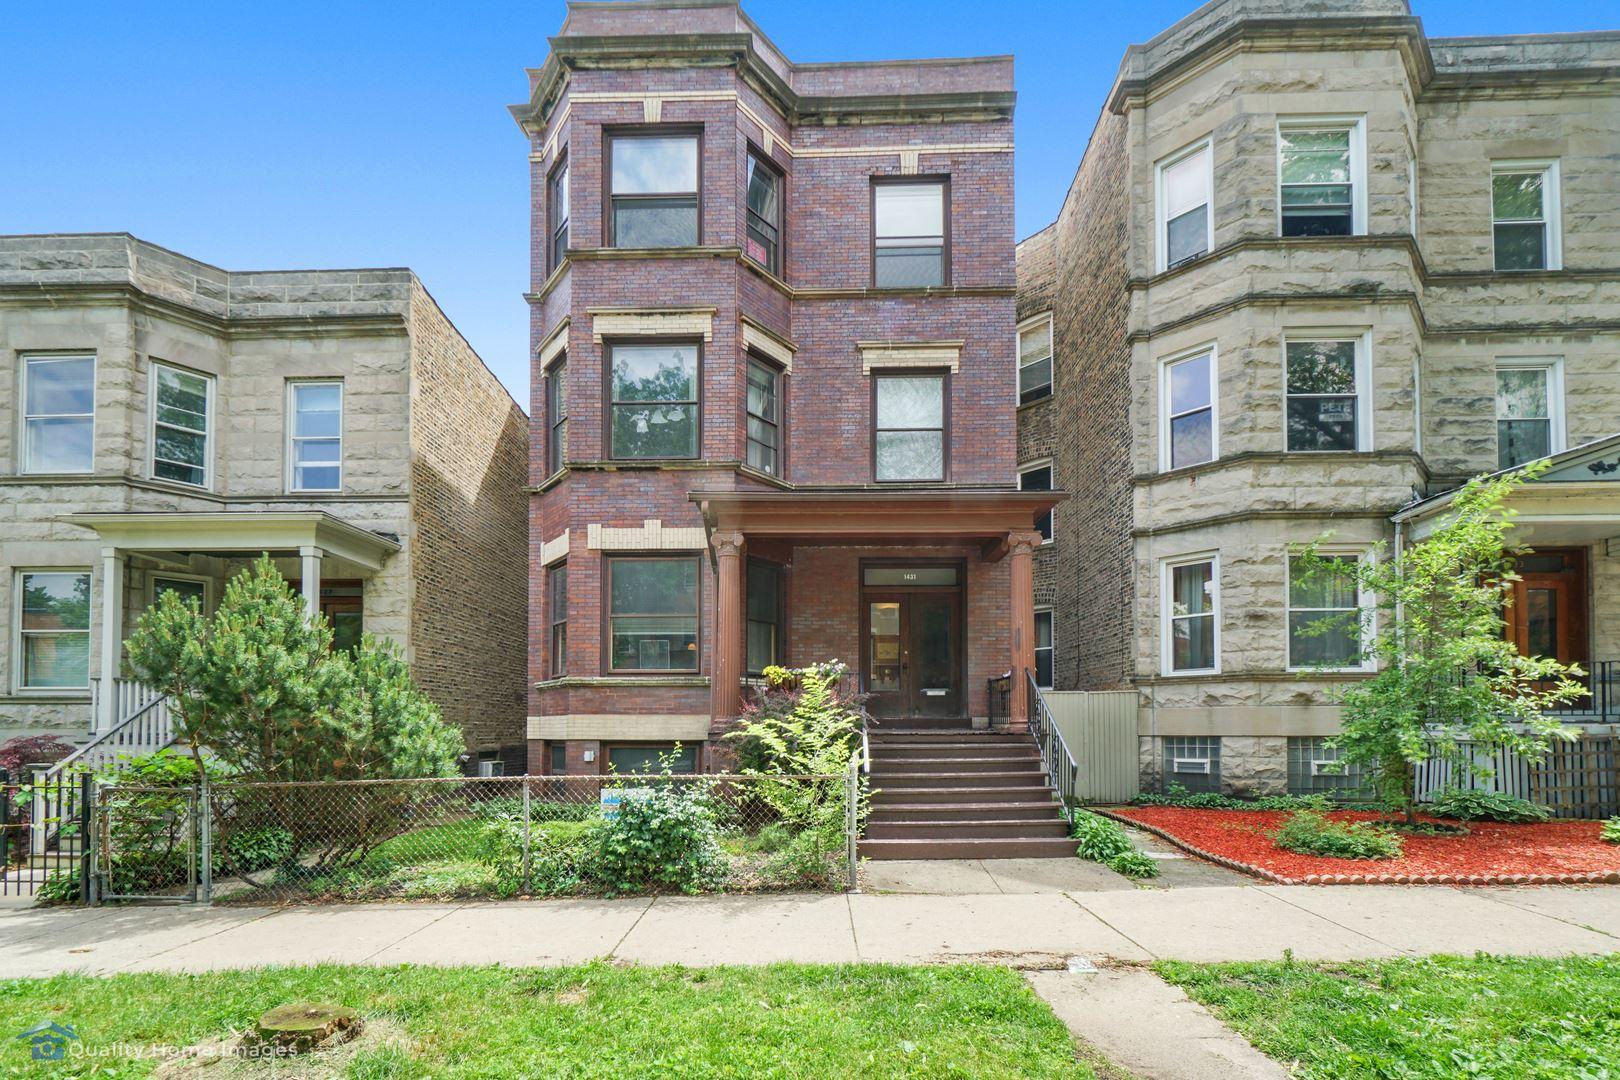 1431 W Winona Street, Chicago, IL 60640 - #: 10747013